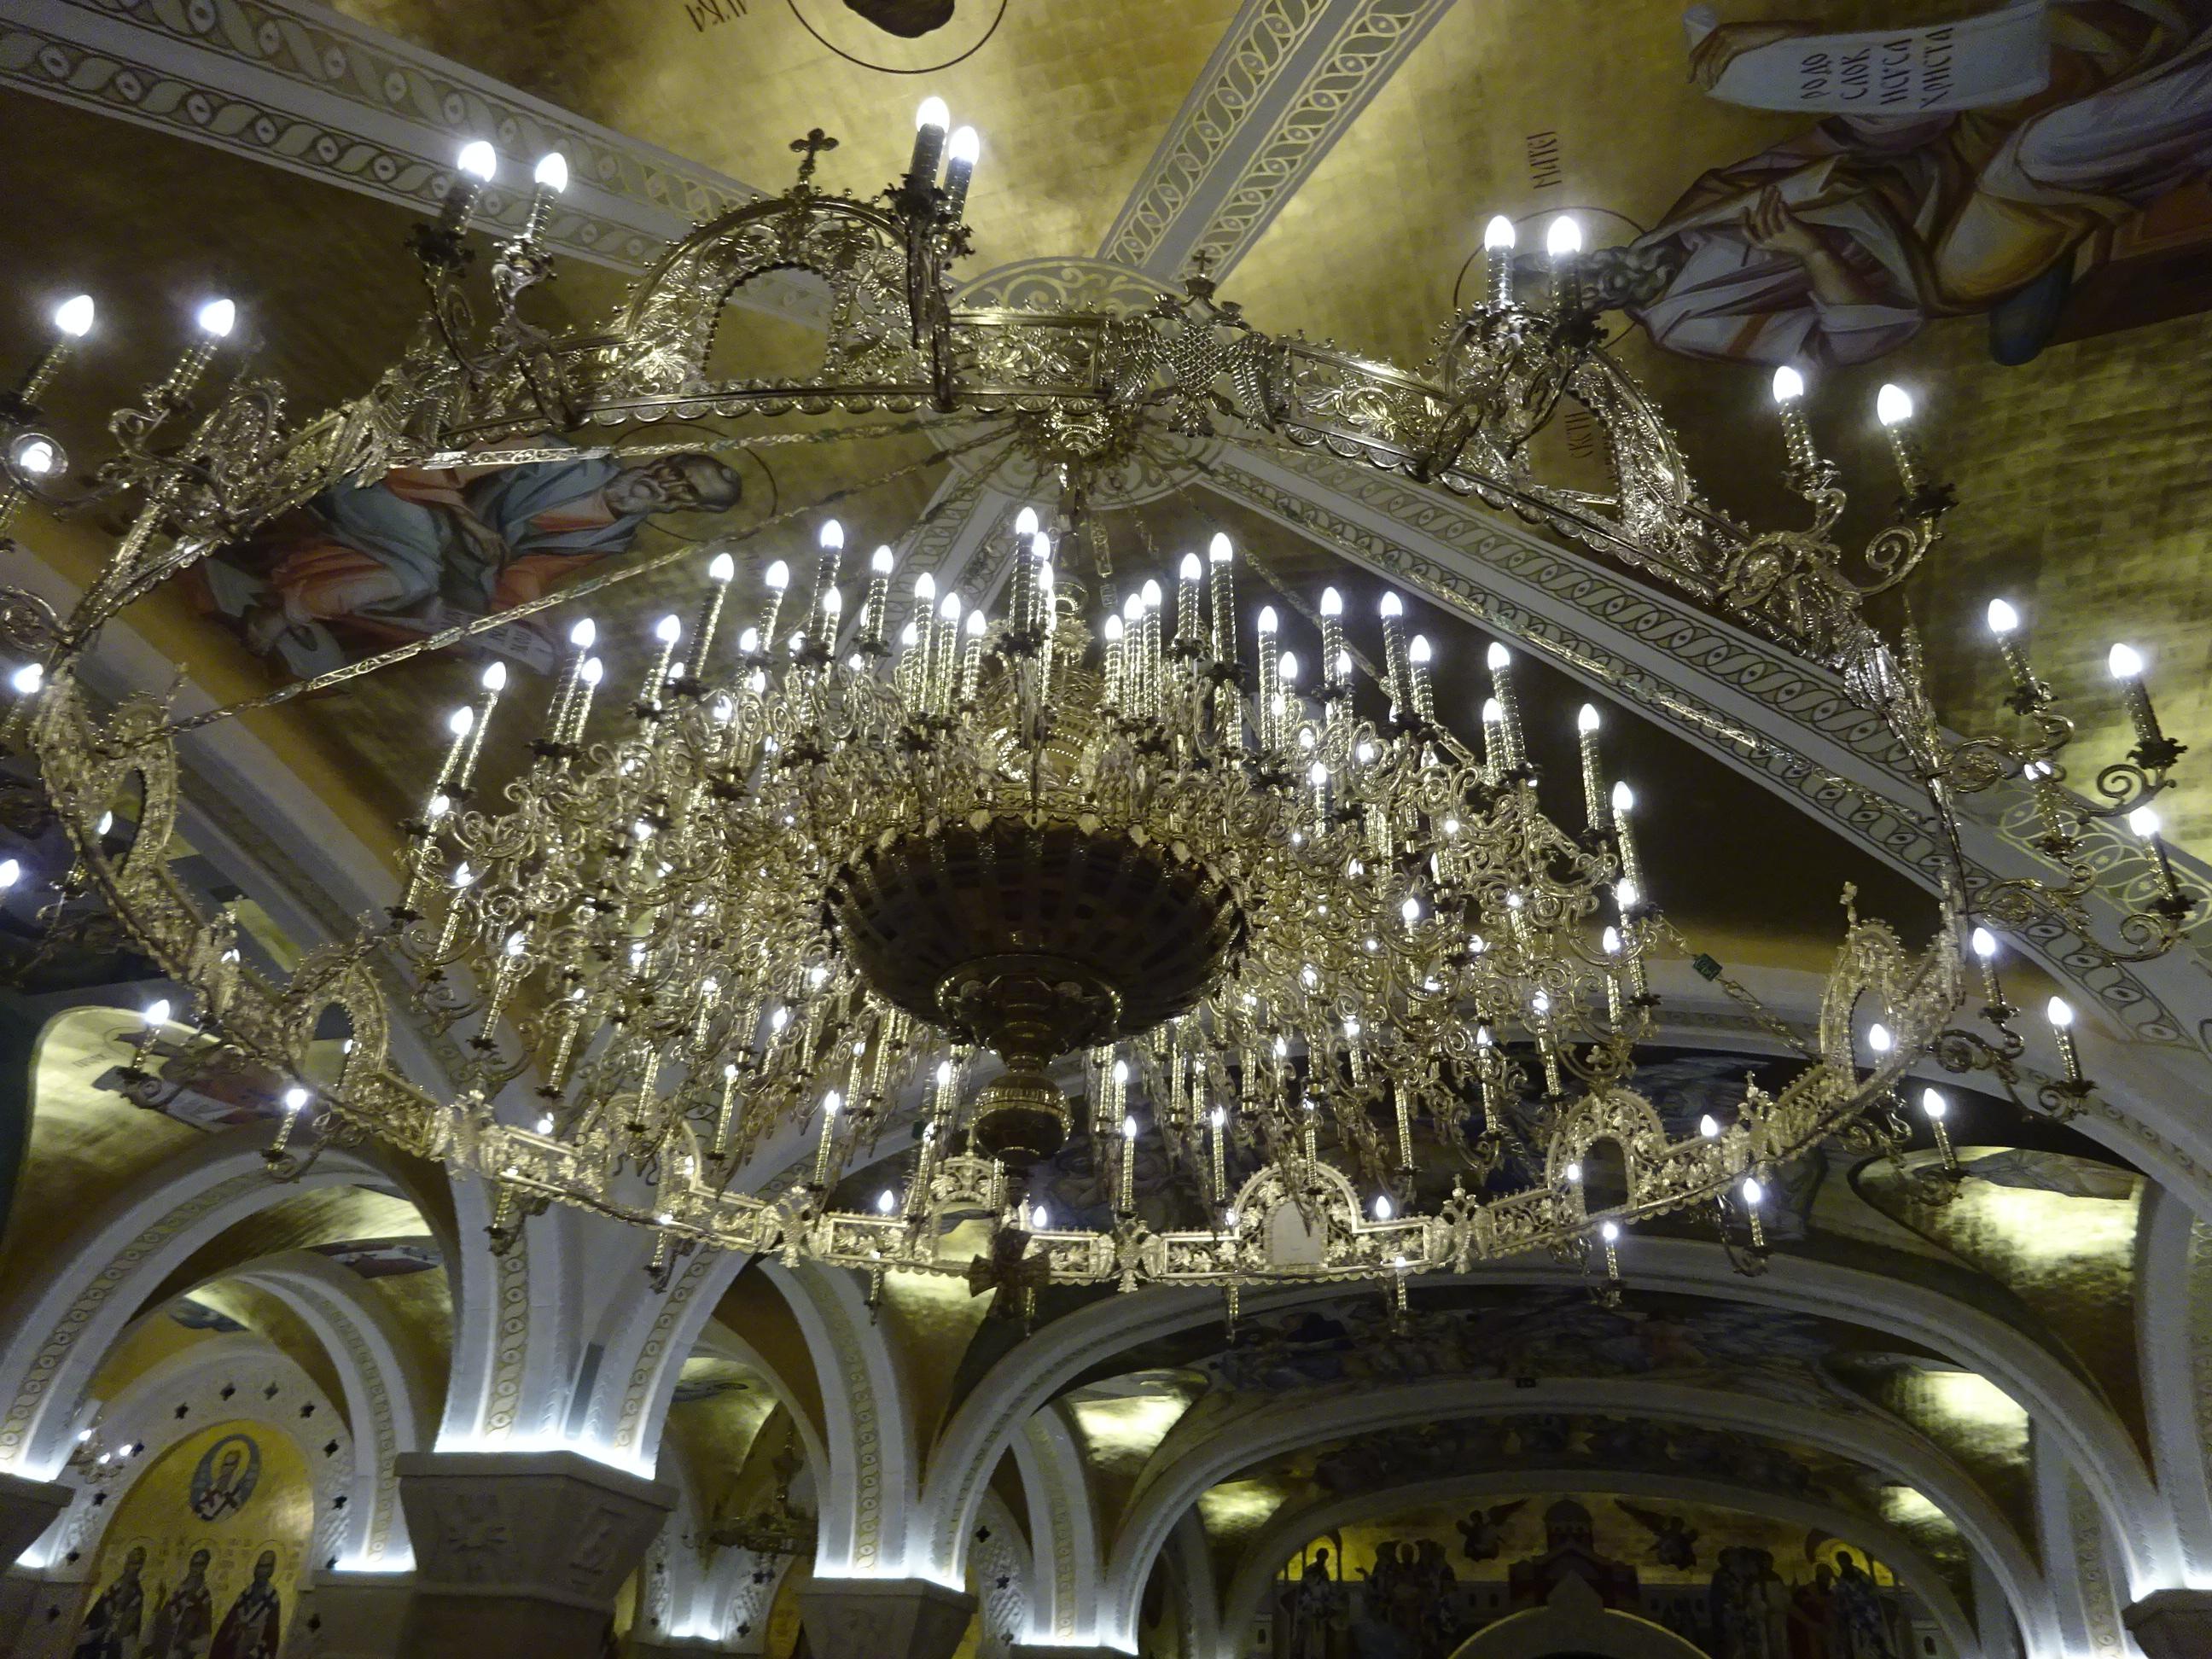 「聖サヴァ大聖堂」のシャンデリアはハンパない!さすがベオグラードの観光ではかかせないスポット☆